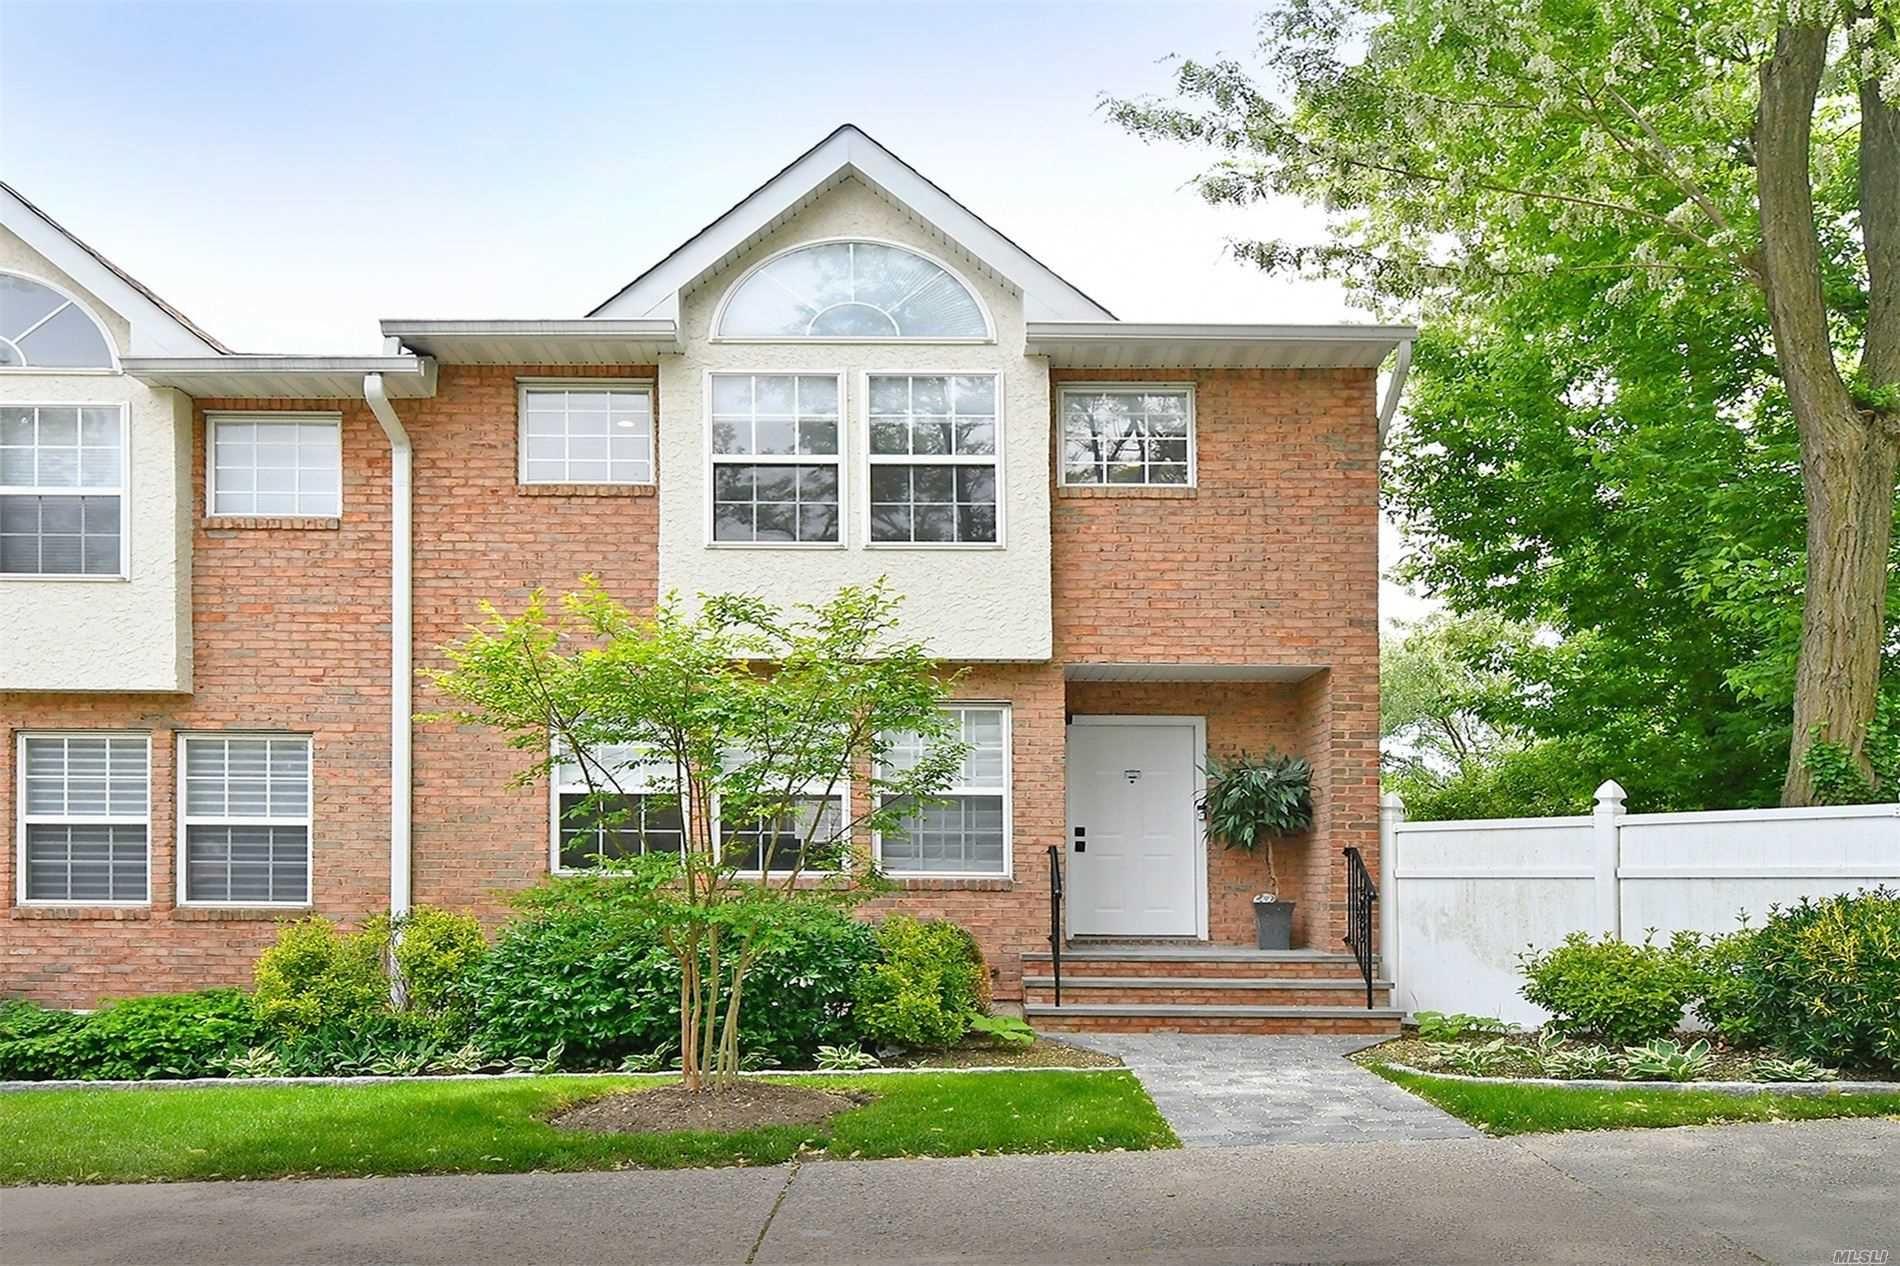 300 Hendrick Avenue, Glen Cove, NY 11542 - MLS#: 3219195